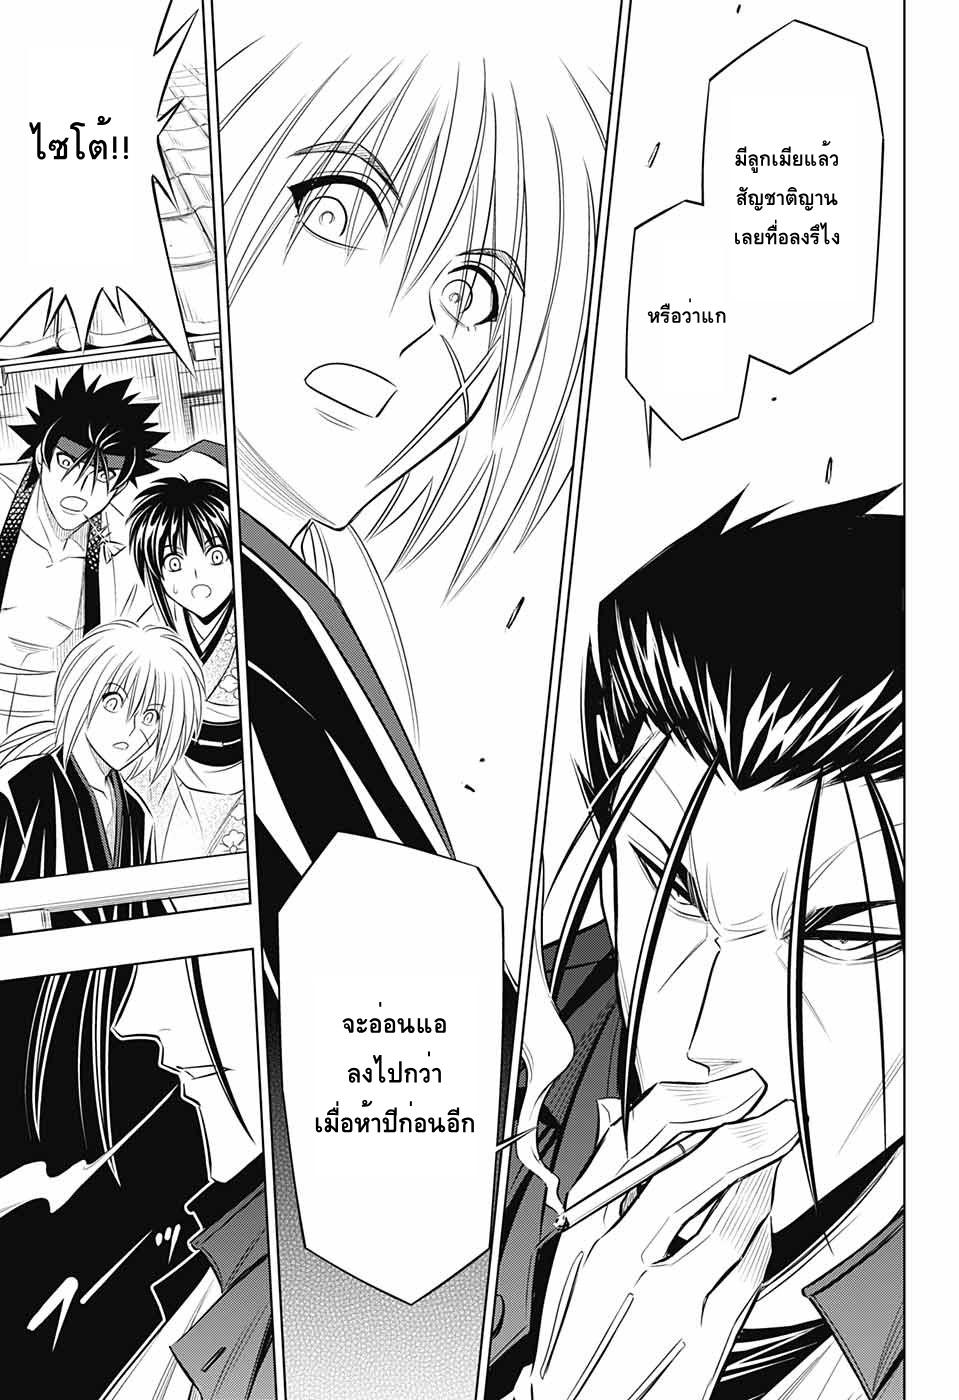 อ่านการ์ตูน Rurouni Kenshin: Hokkaido Arc ตอนที่ 13 หน้าที่ 17